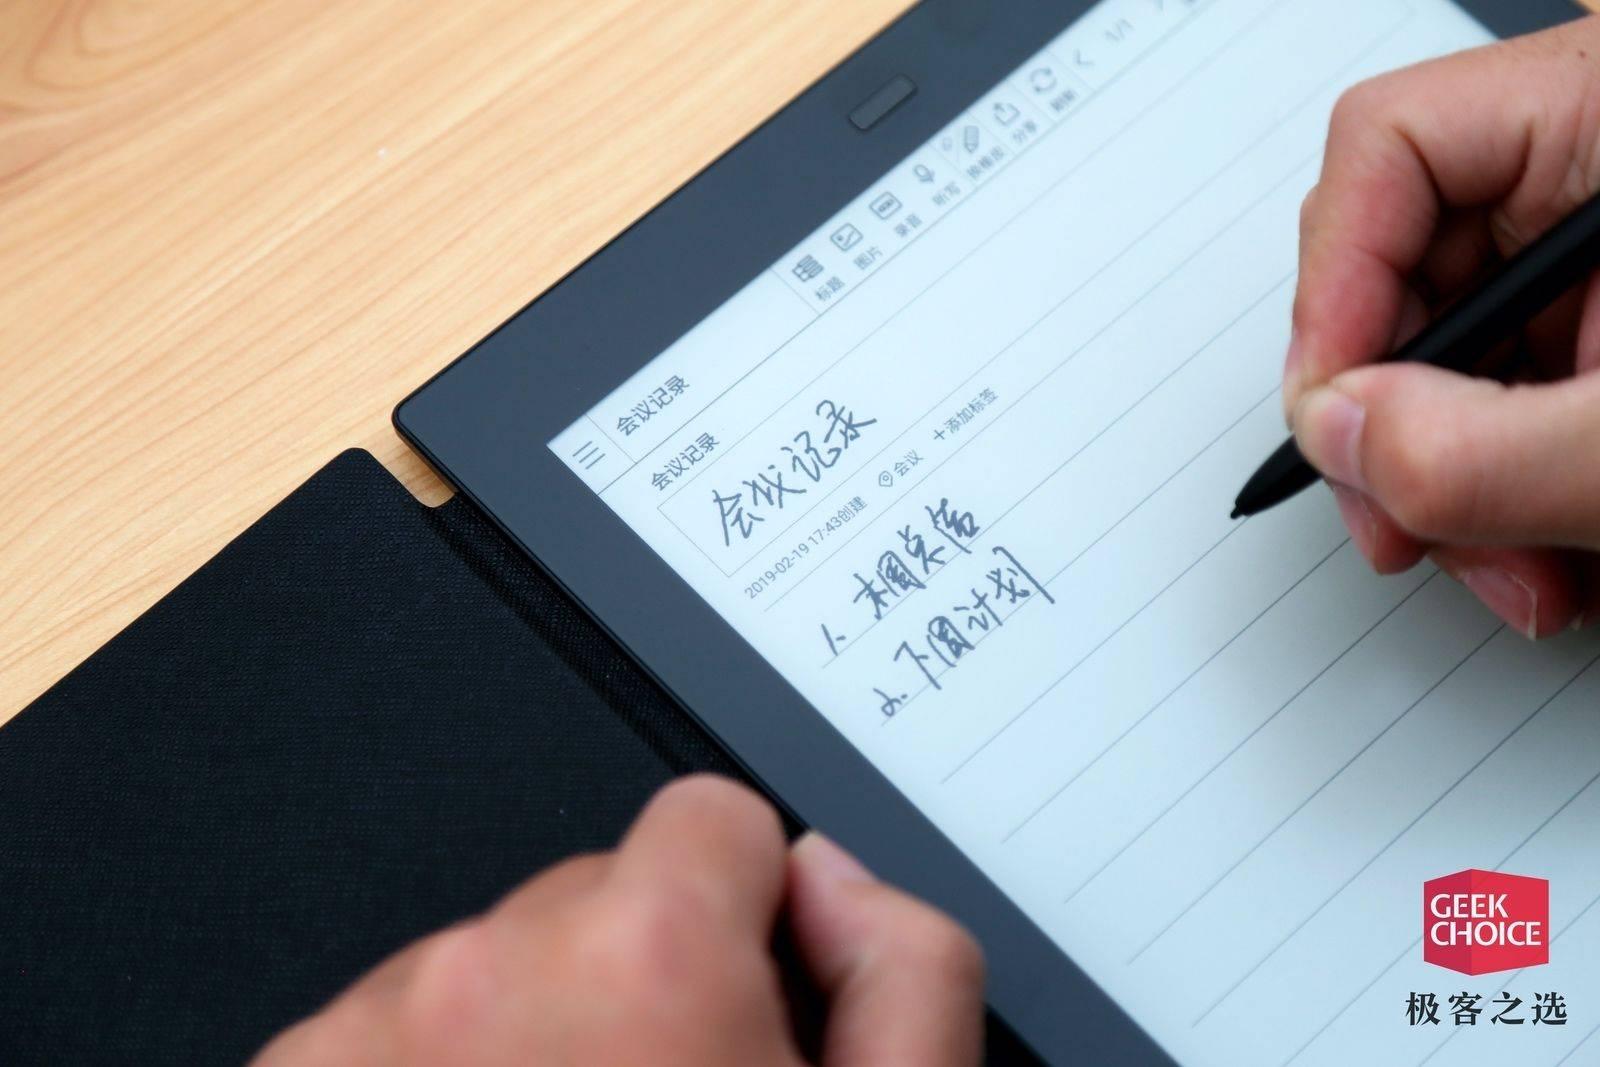 讯飞qy88千赢国际娱乐办公本体验 是办公本也是阅读利器